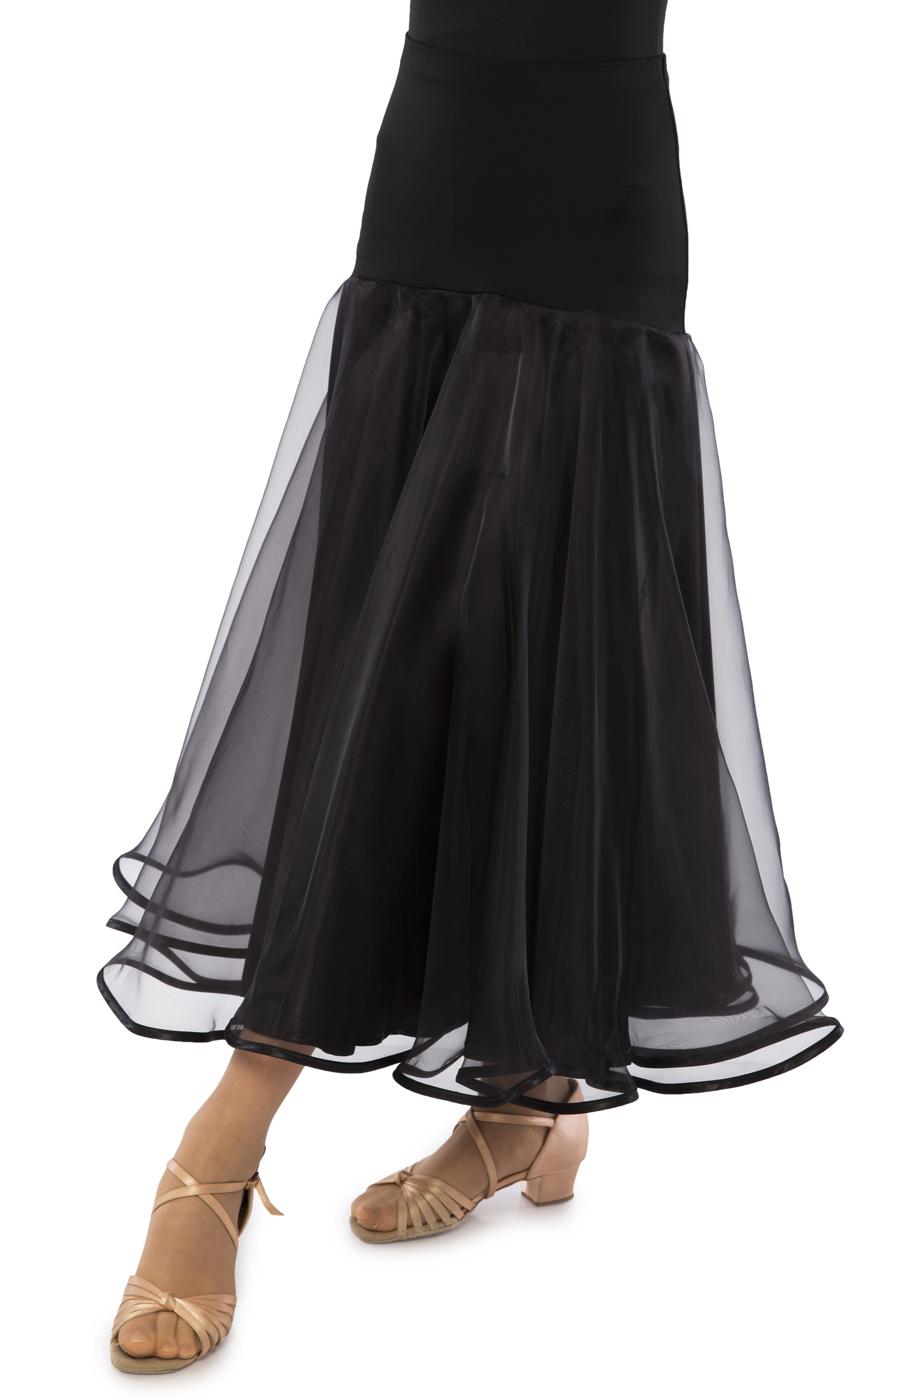 Ballrom practice skirt Emily